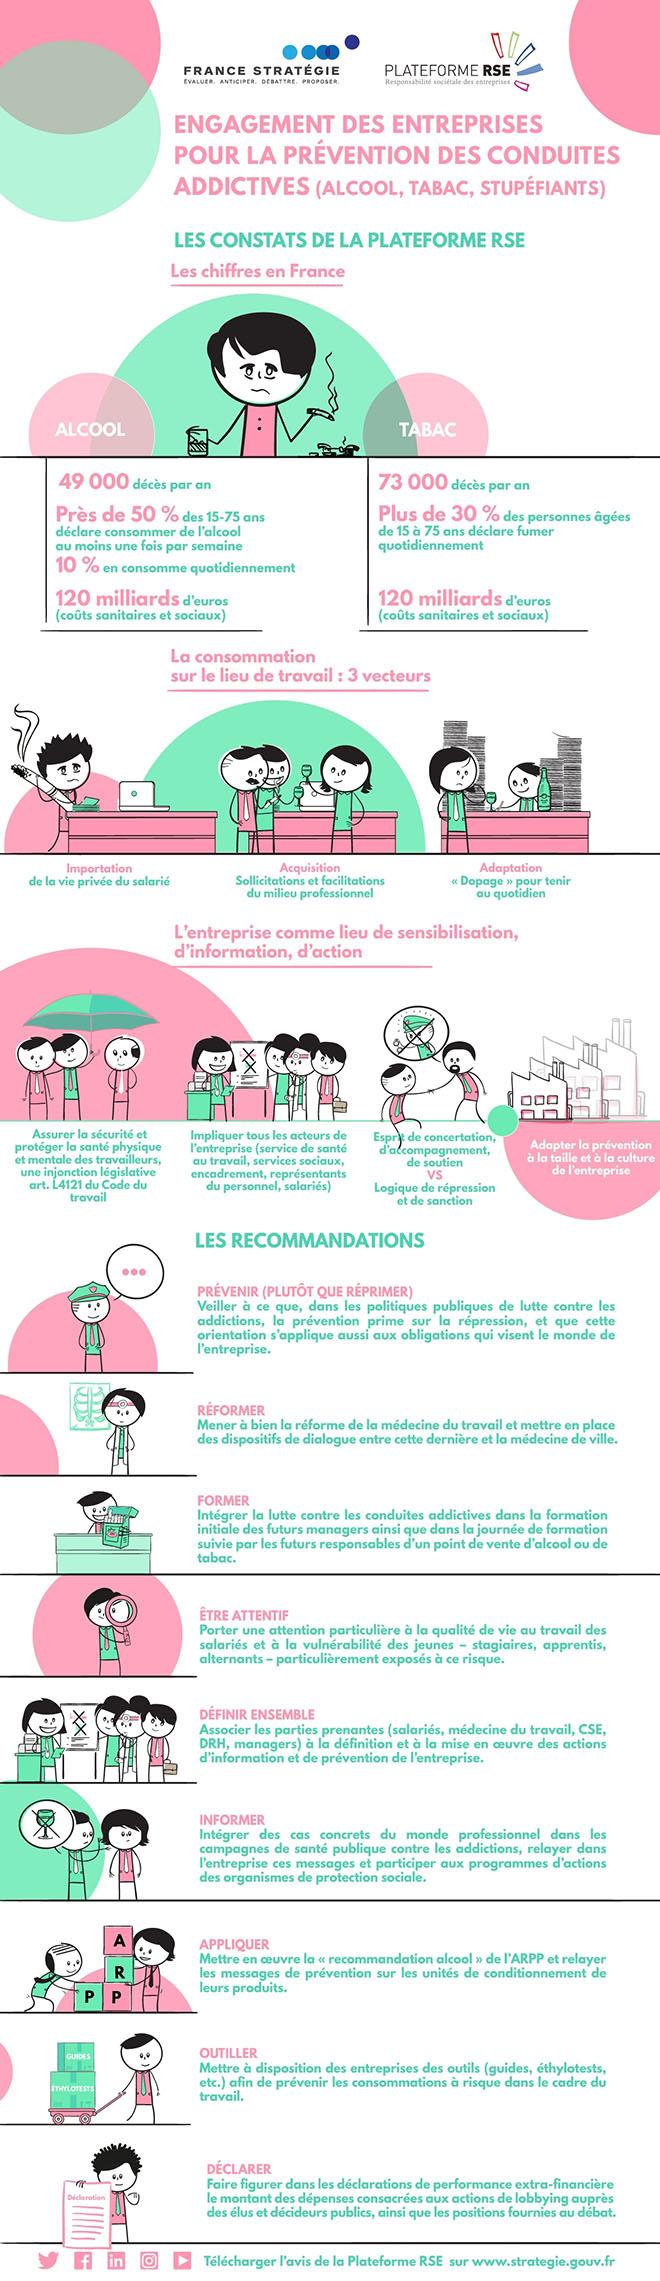 Rapport de Plateforme RSE sur les consommations addictives au travail